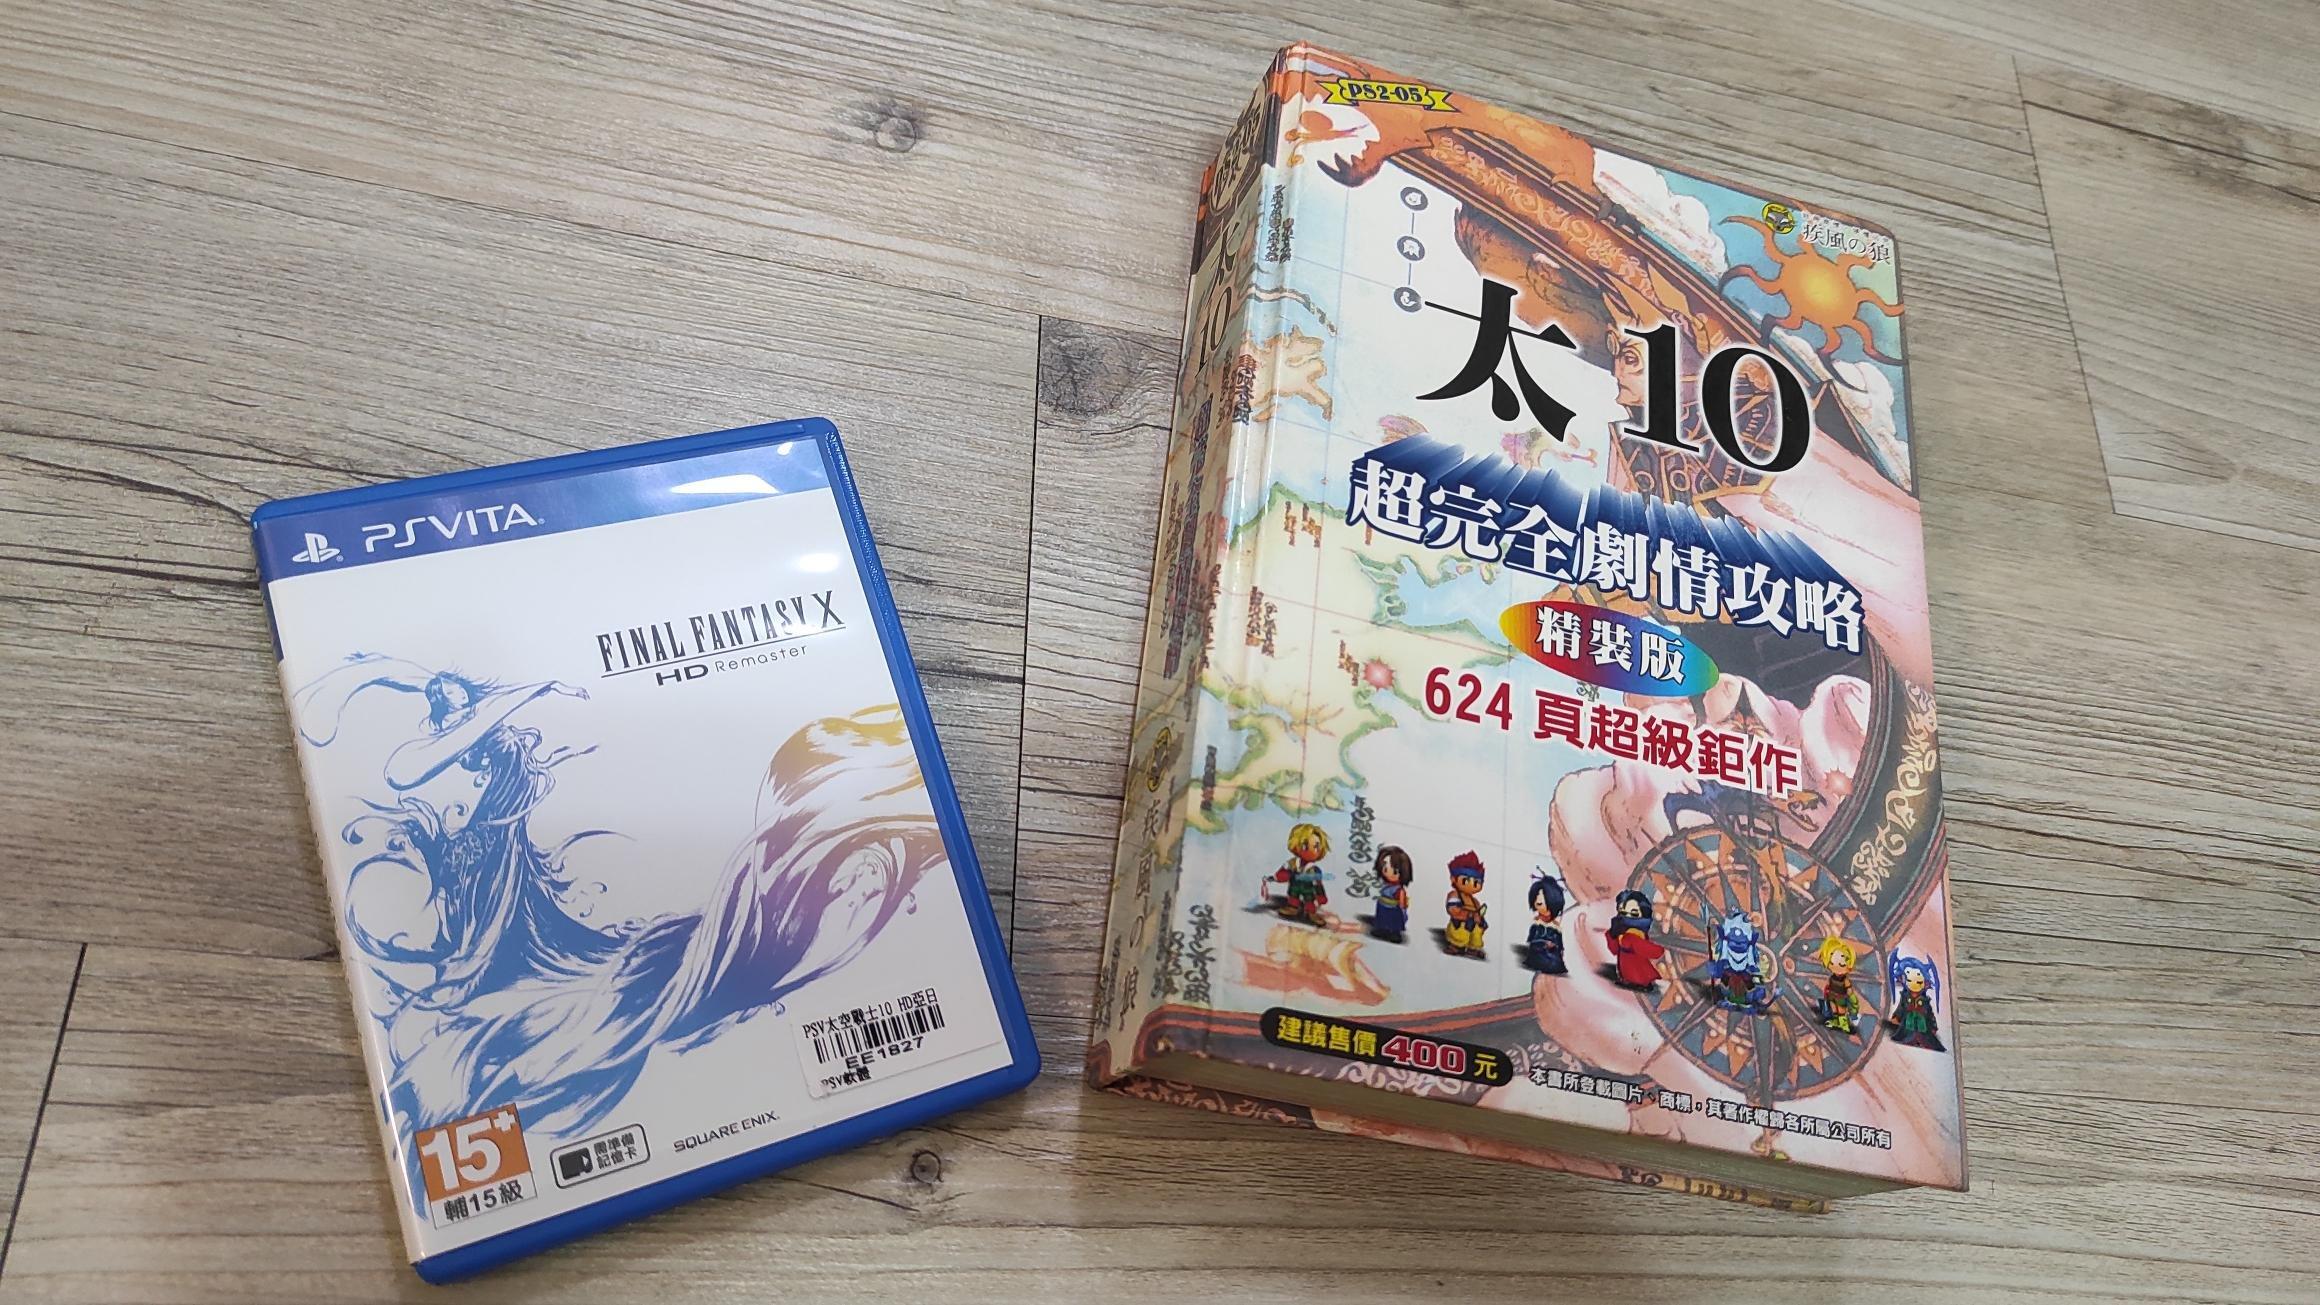 PSV 最終幻想10(亞日版)+超完全劇情攻略本